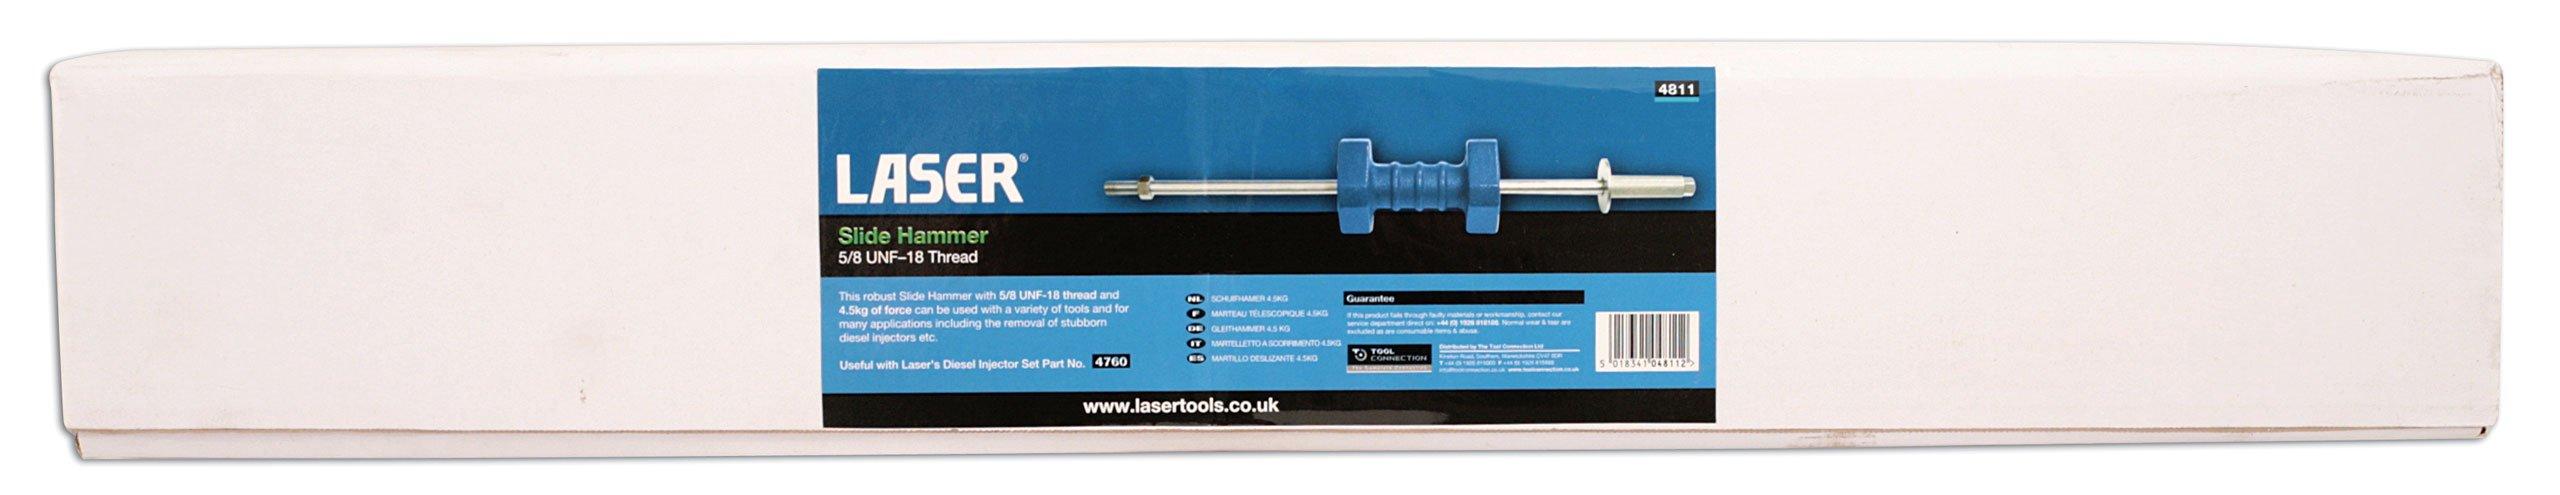 Laser - 4811 Slide Hammer 10lb by Laser (Image #2)